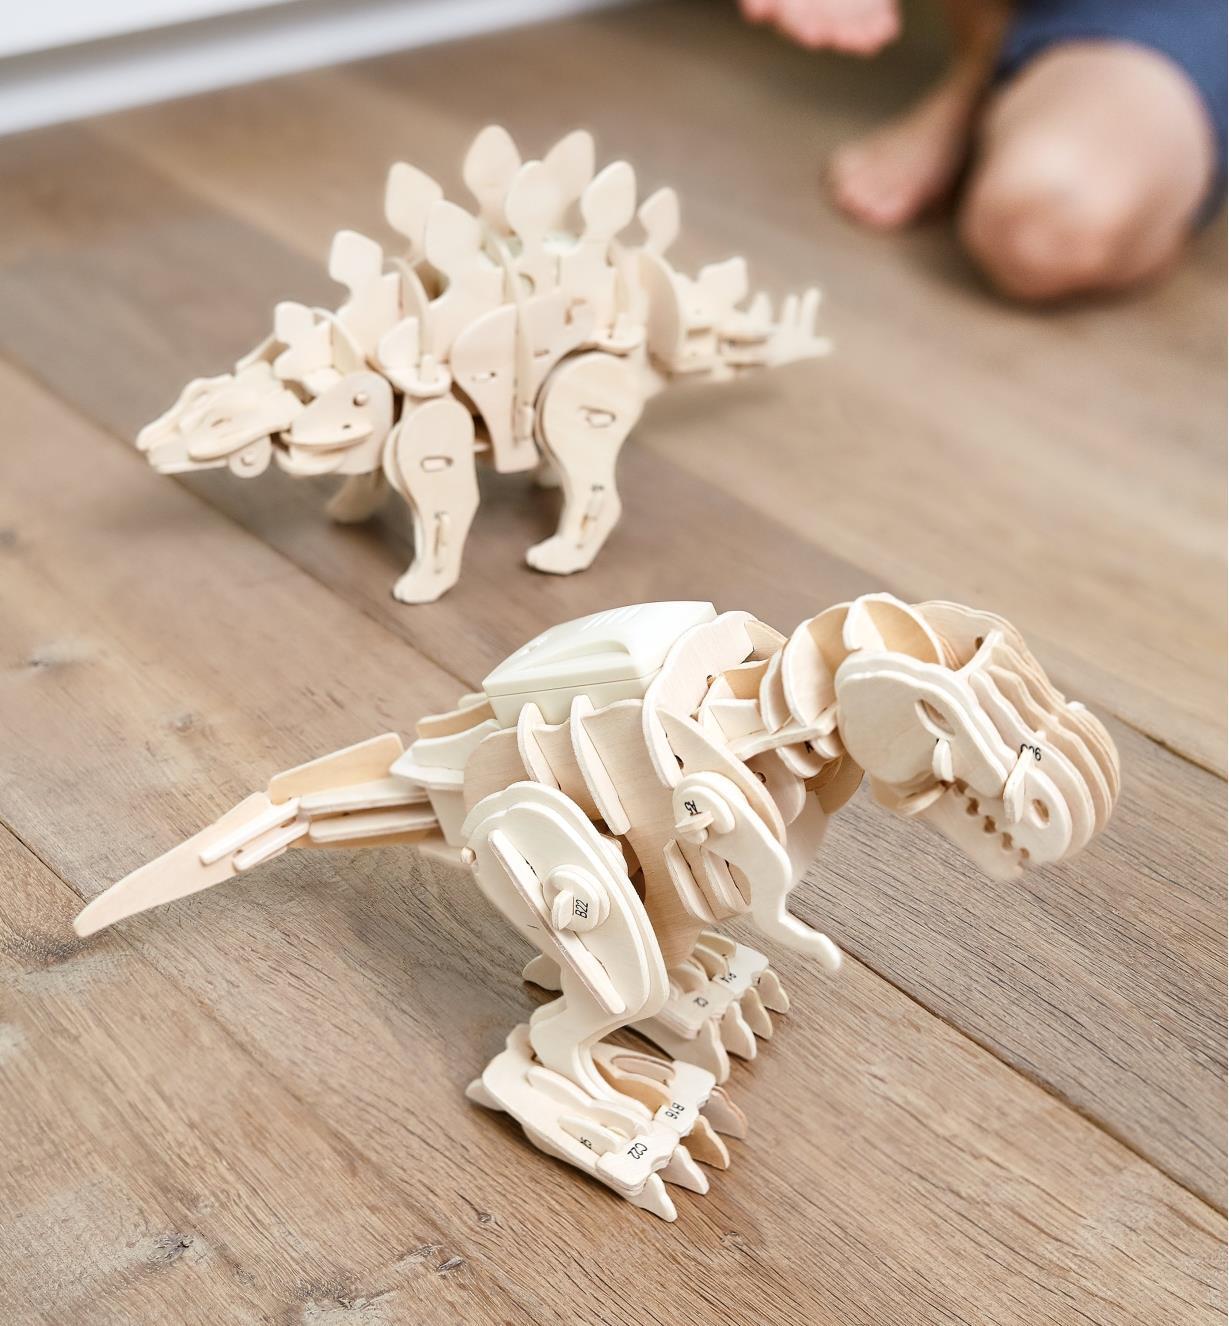 45K5040 - Walking T-Rex Model